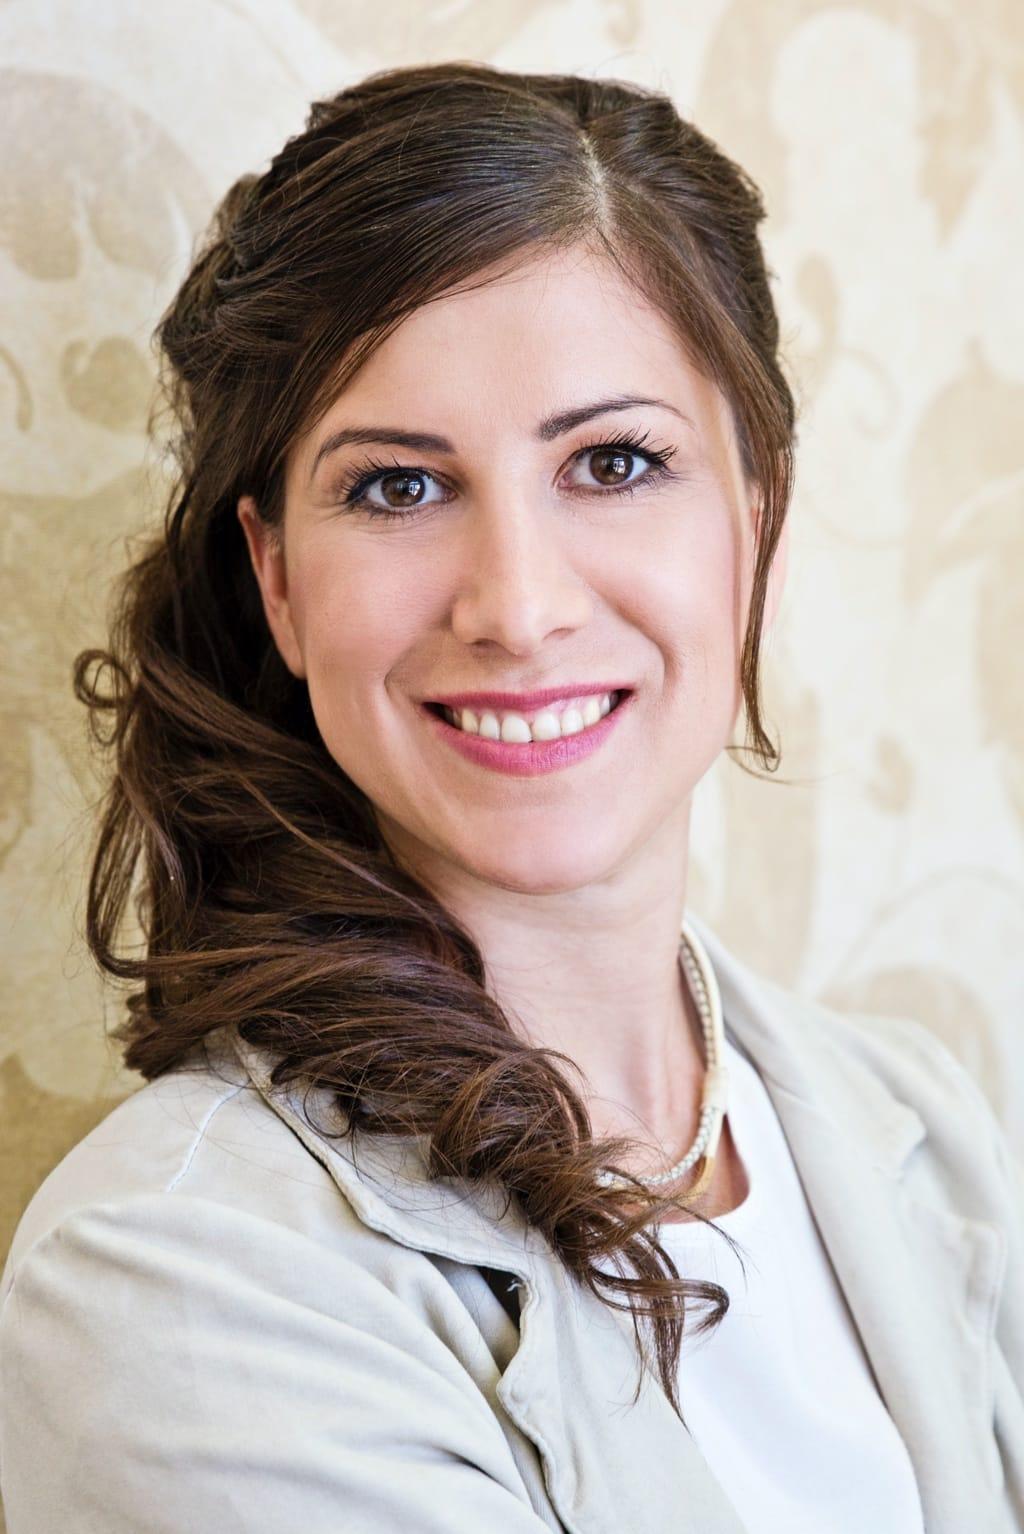 Lena Neuberger